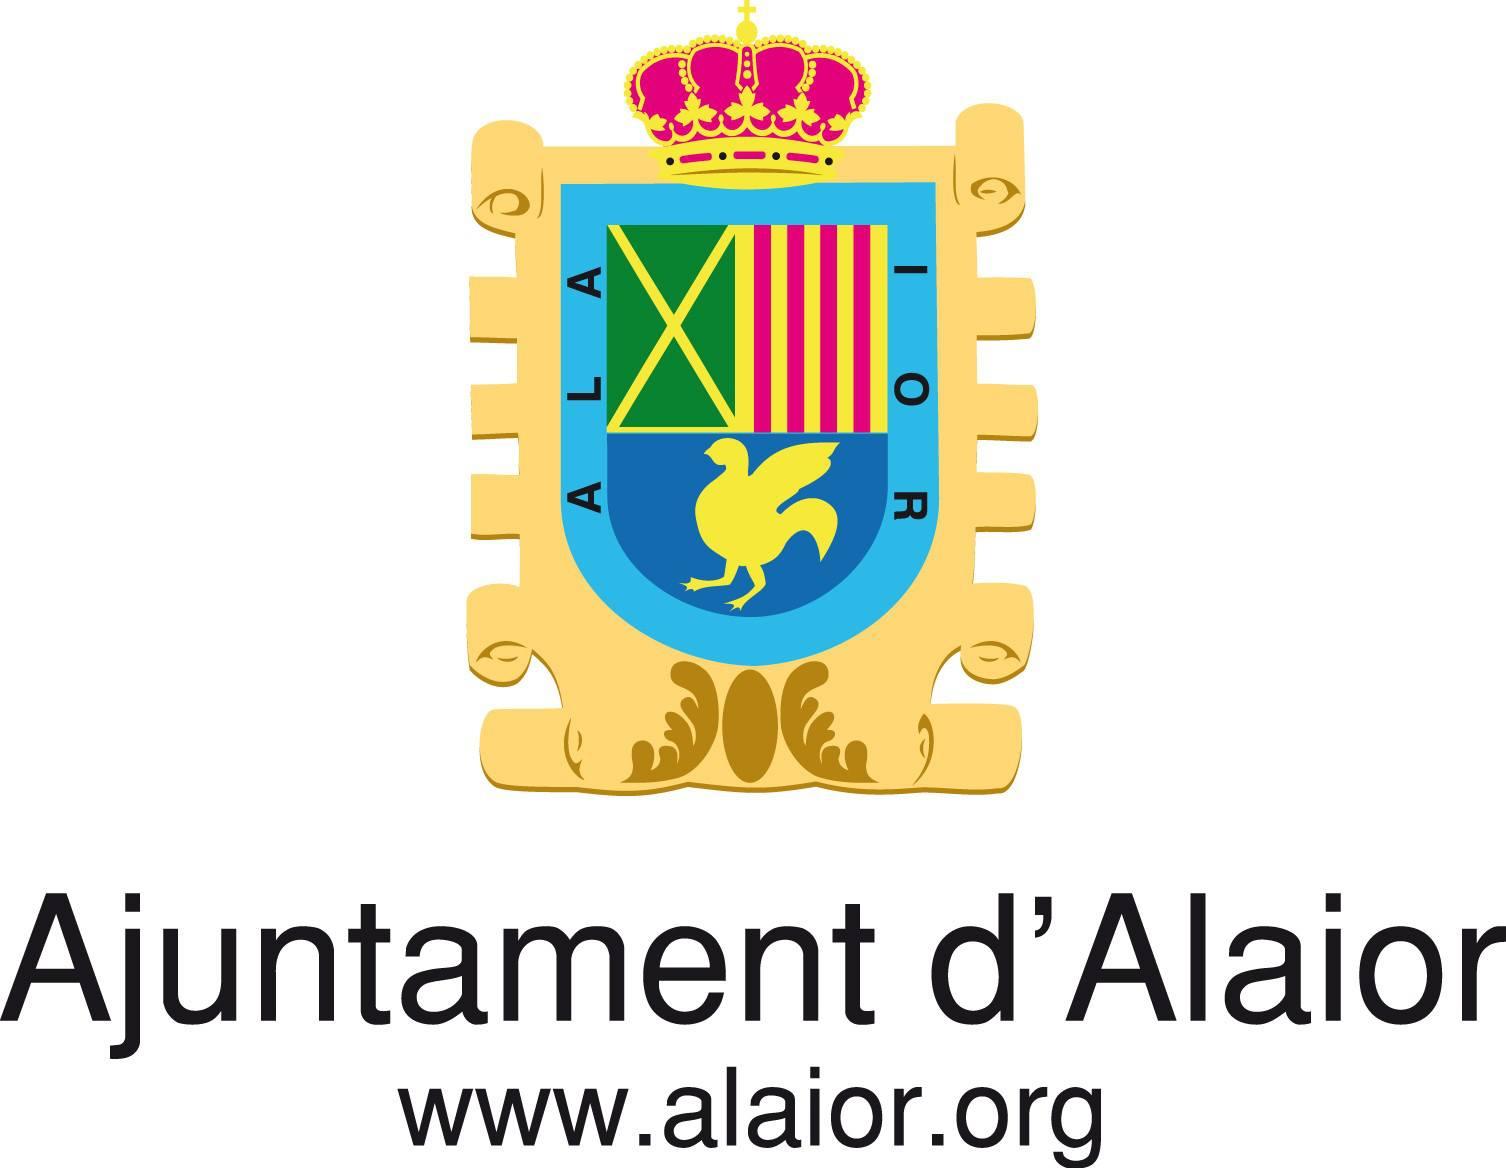 Ajuntament d'Alaior